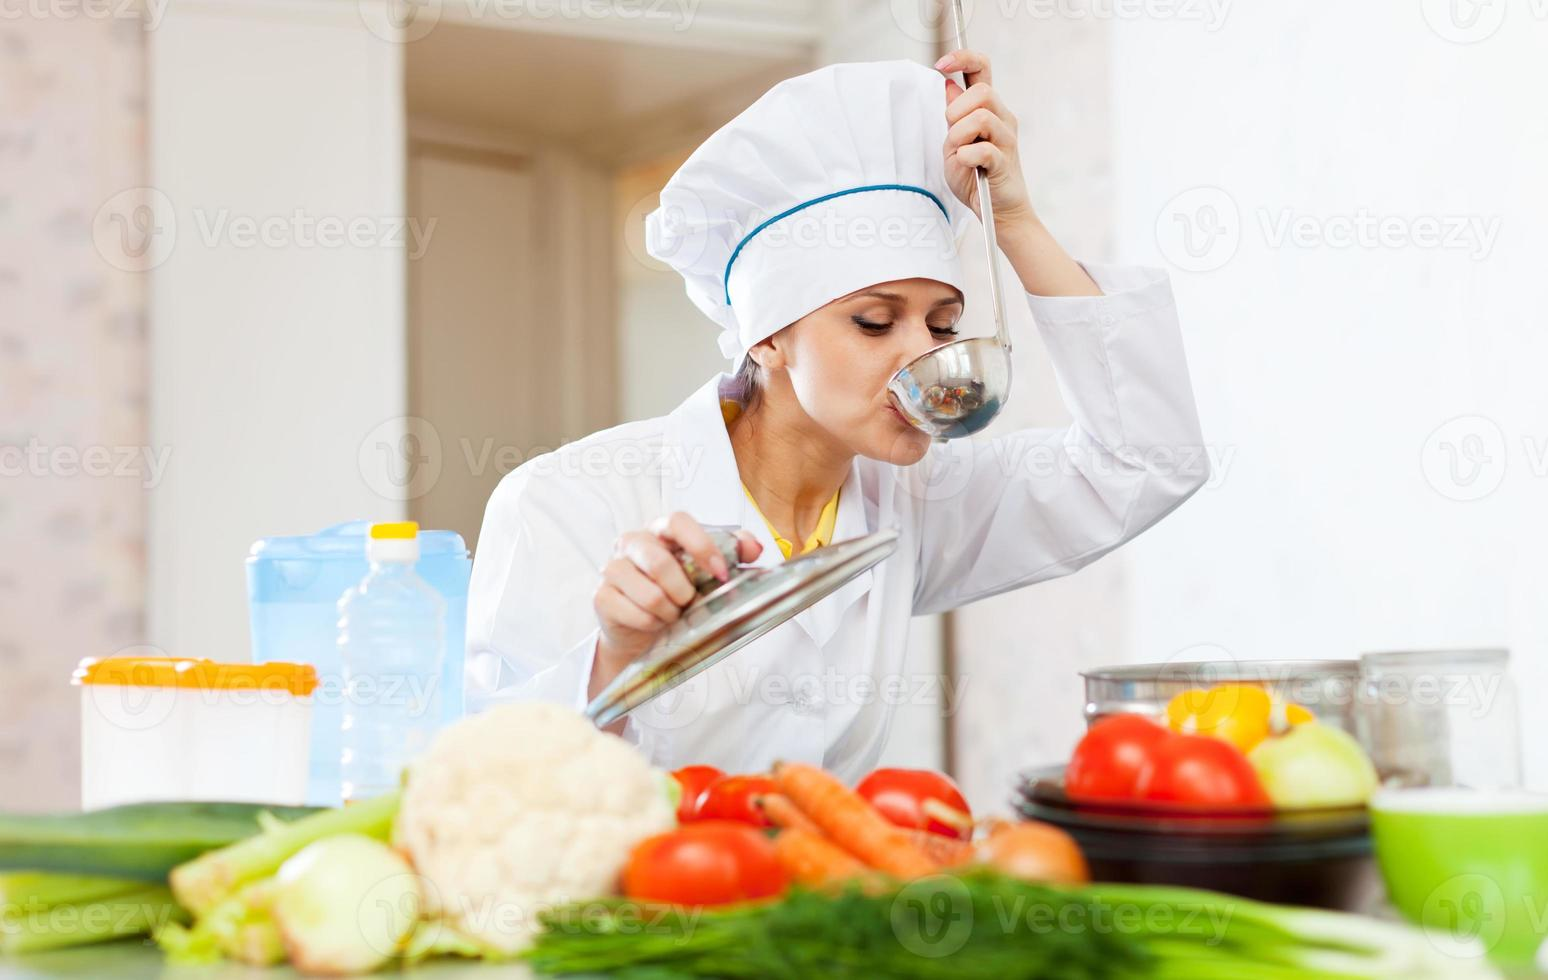 cozinhar em uniforme branco testa sopa de concha foto